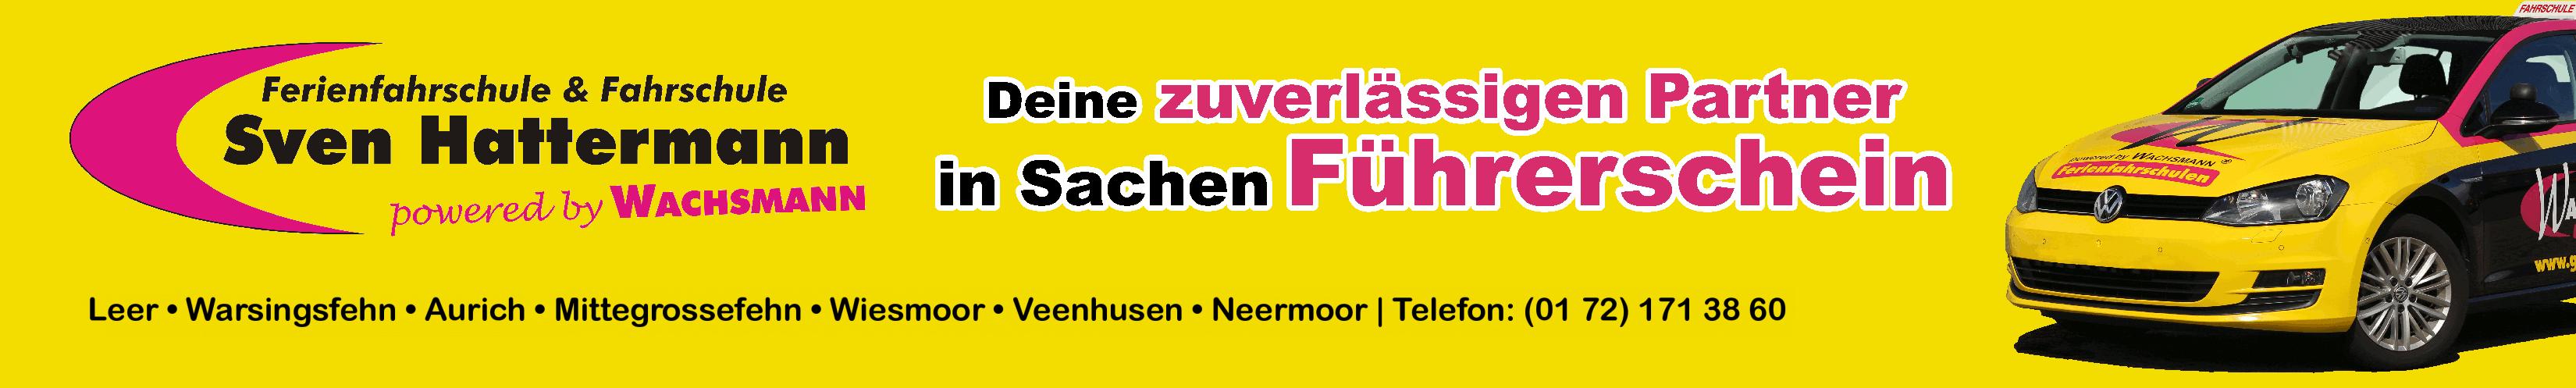 WACHSMANN Fahrschule Veenhusen Sven Hattermann